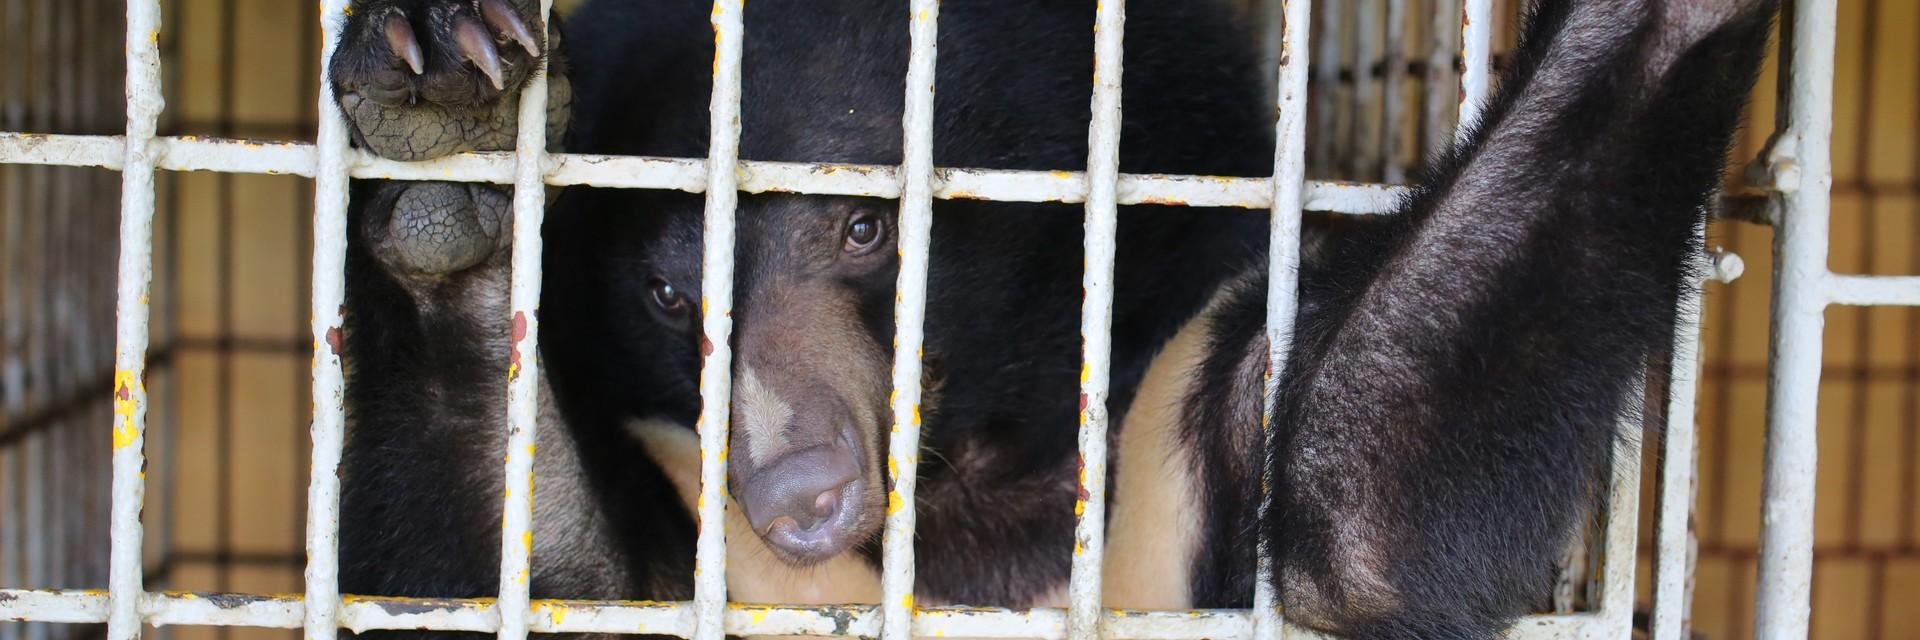 Bär Cam in seinem Käfig in Vietnam